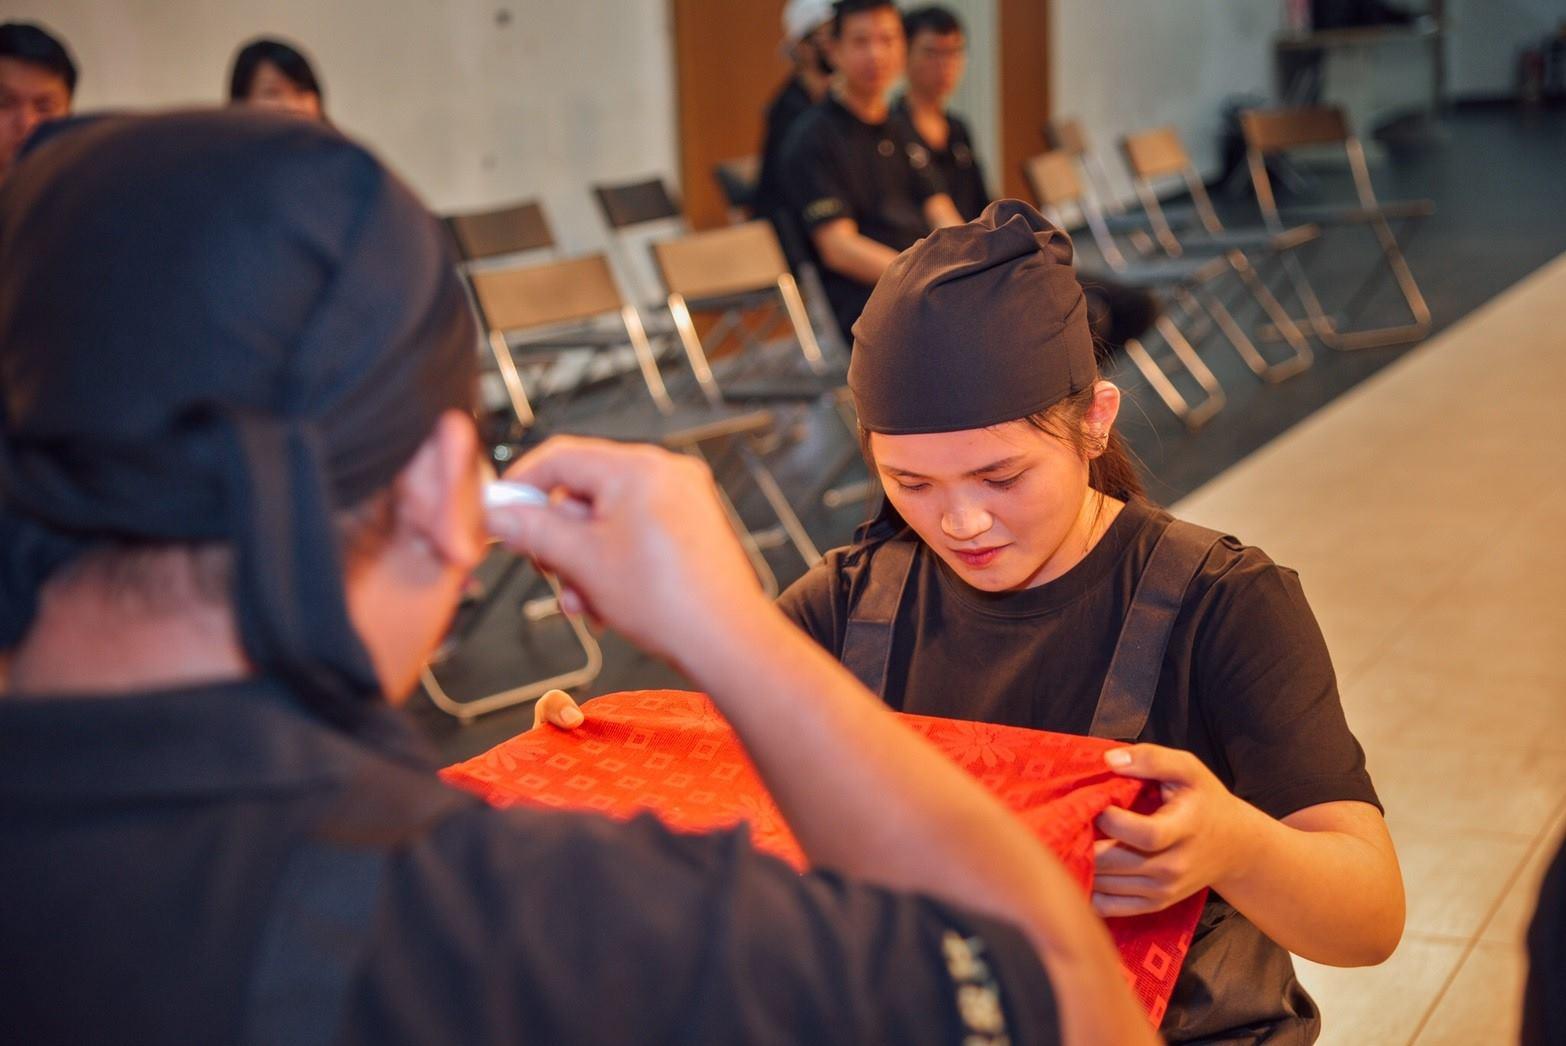 【薪火相傳拜師儀式】- 黎明技術學院時尚設計系專題培訓金工課程